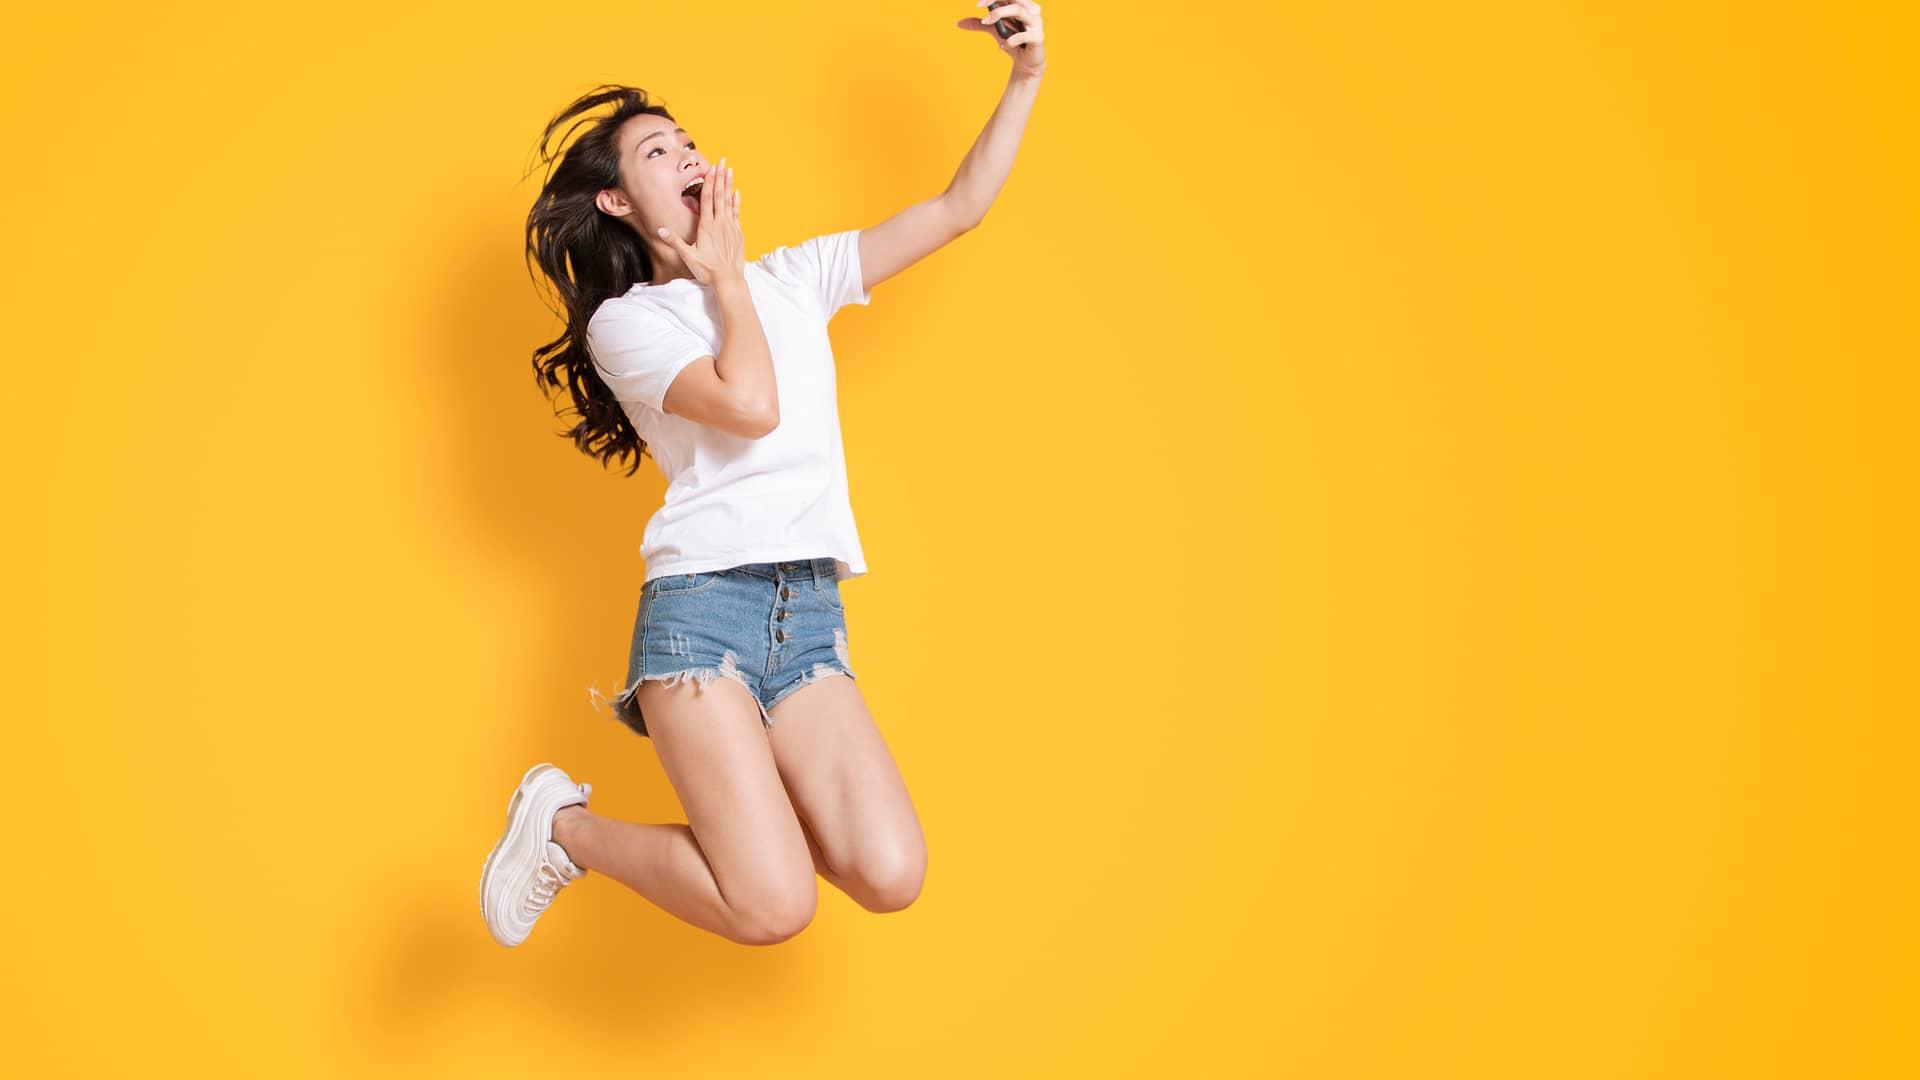 Joven saltando con smartphone representa portabilidad de yoigo